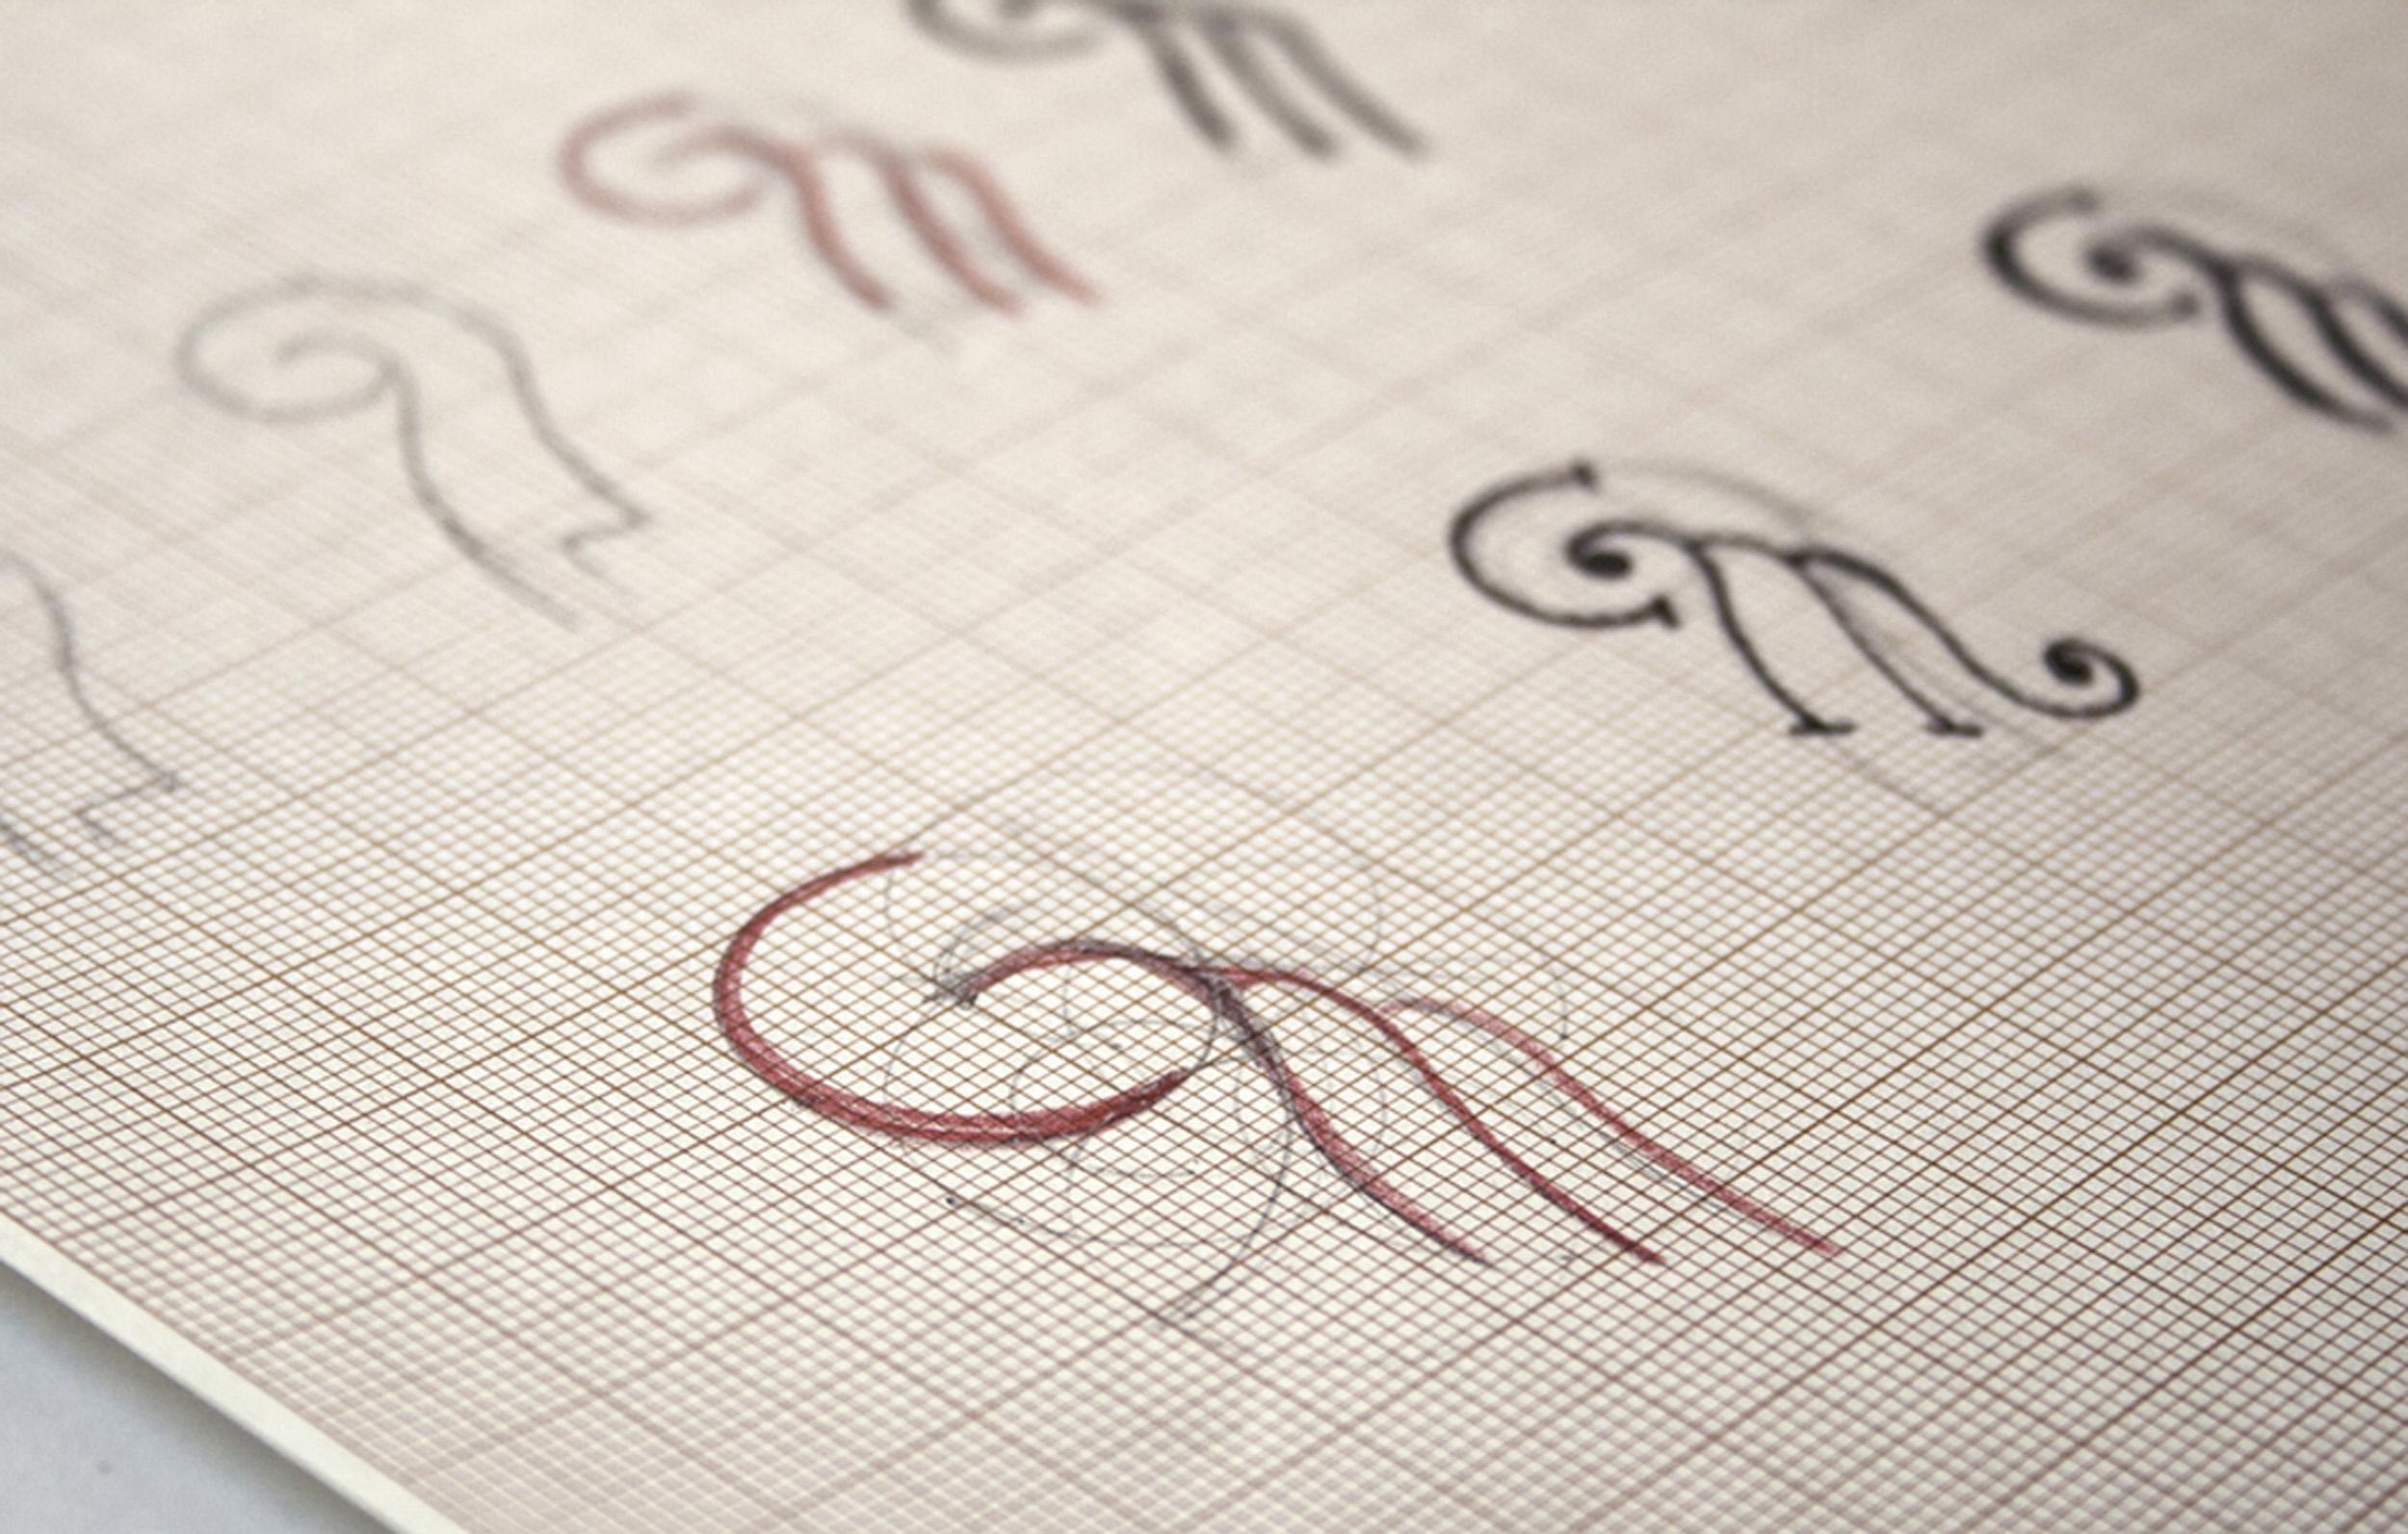 CM_Sketch